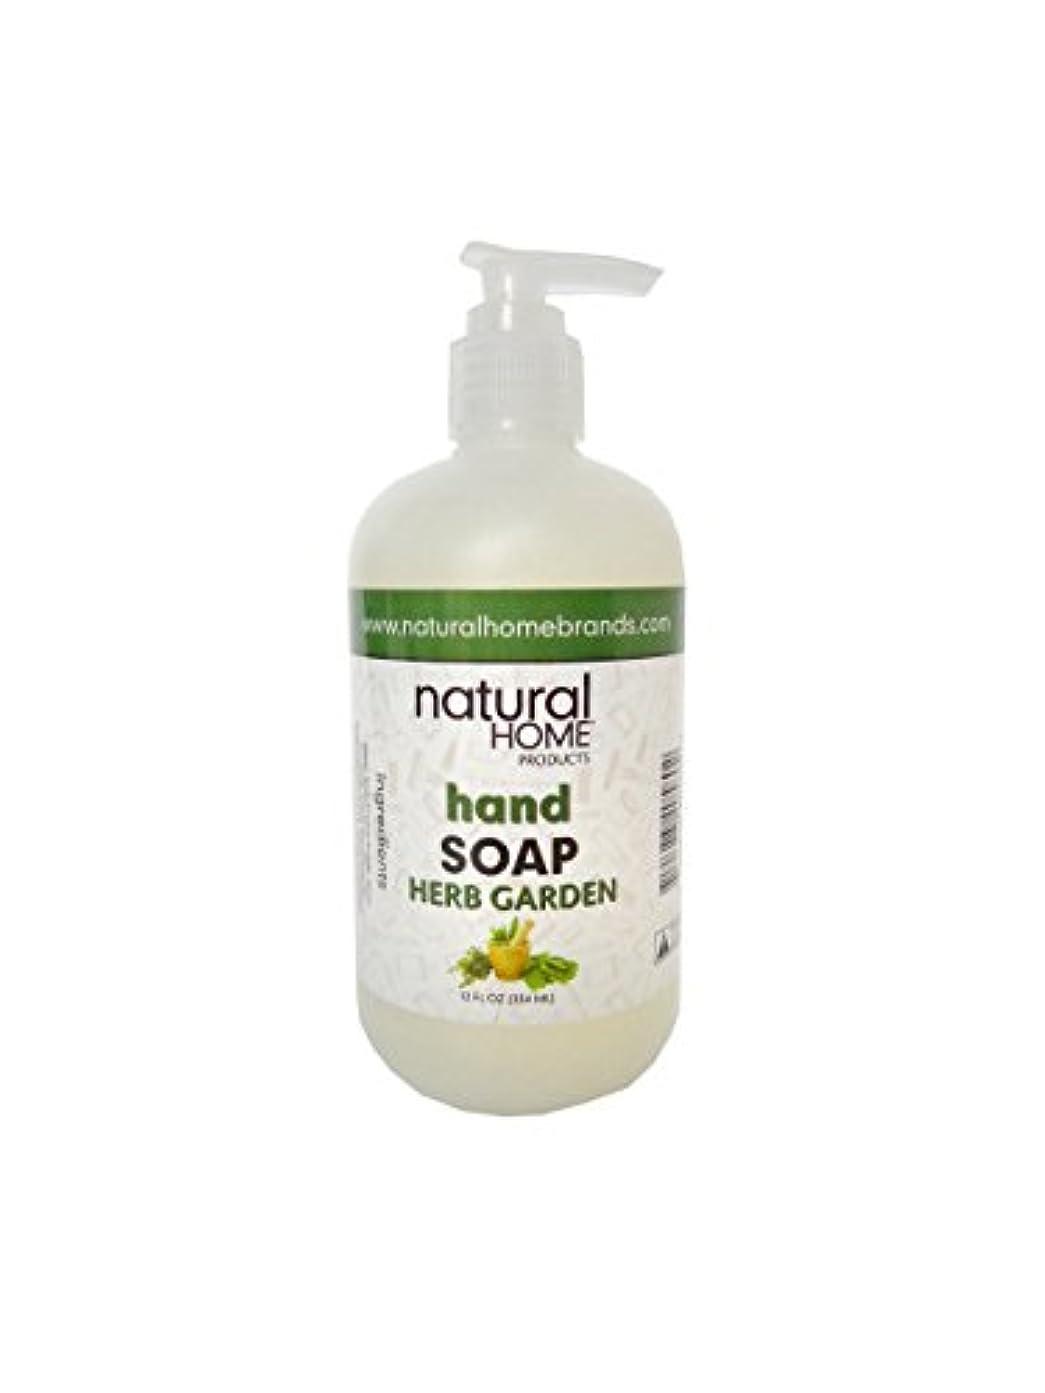 請求可能カトリック教徒重さNatural Home Herb Garden Hand Soap, 350ml, Green